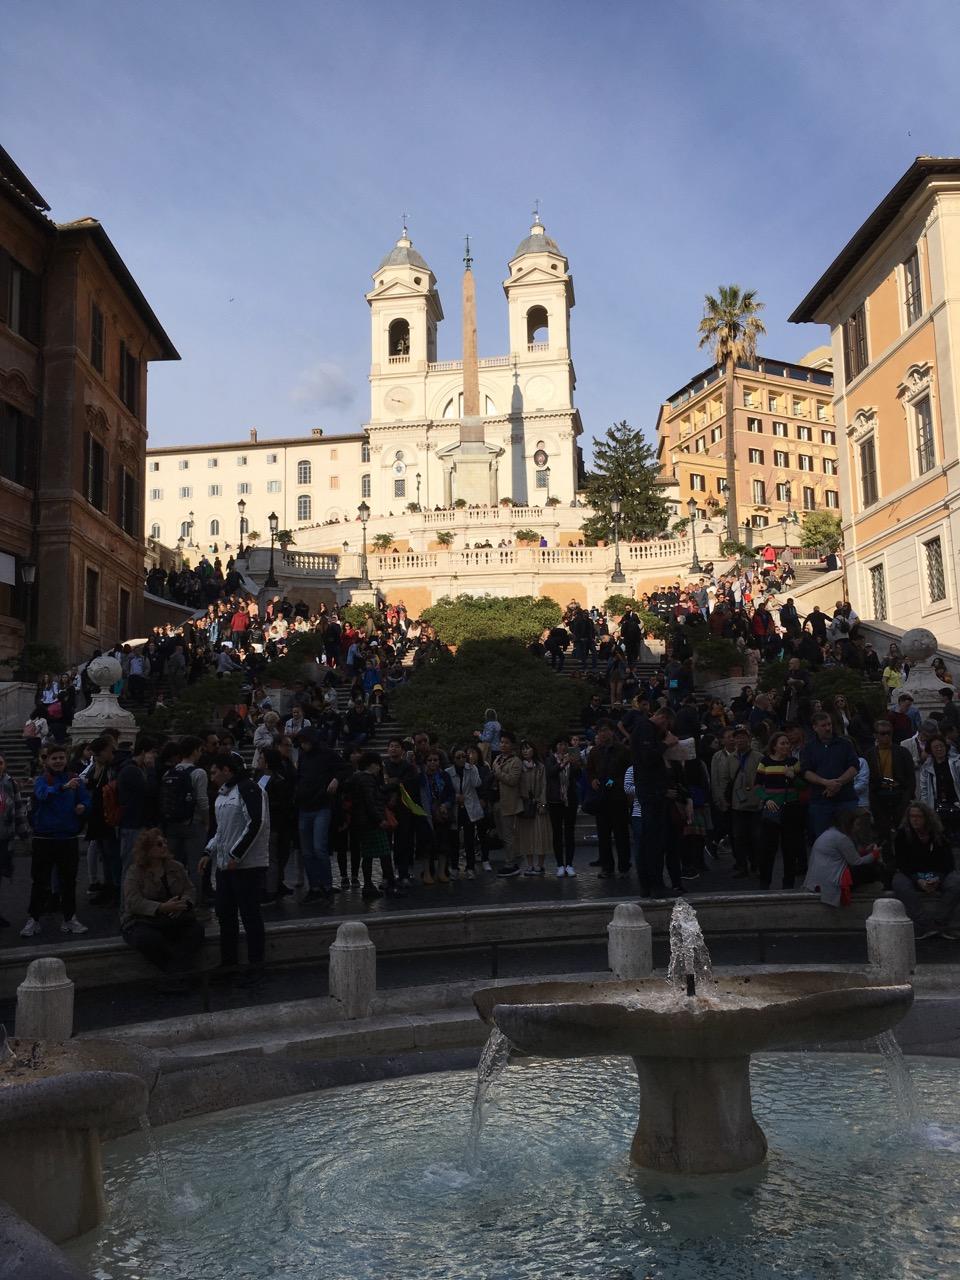 广场正中间是彼得贝尼尼设计的破船喷泉(Fontana della Barcaccia)